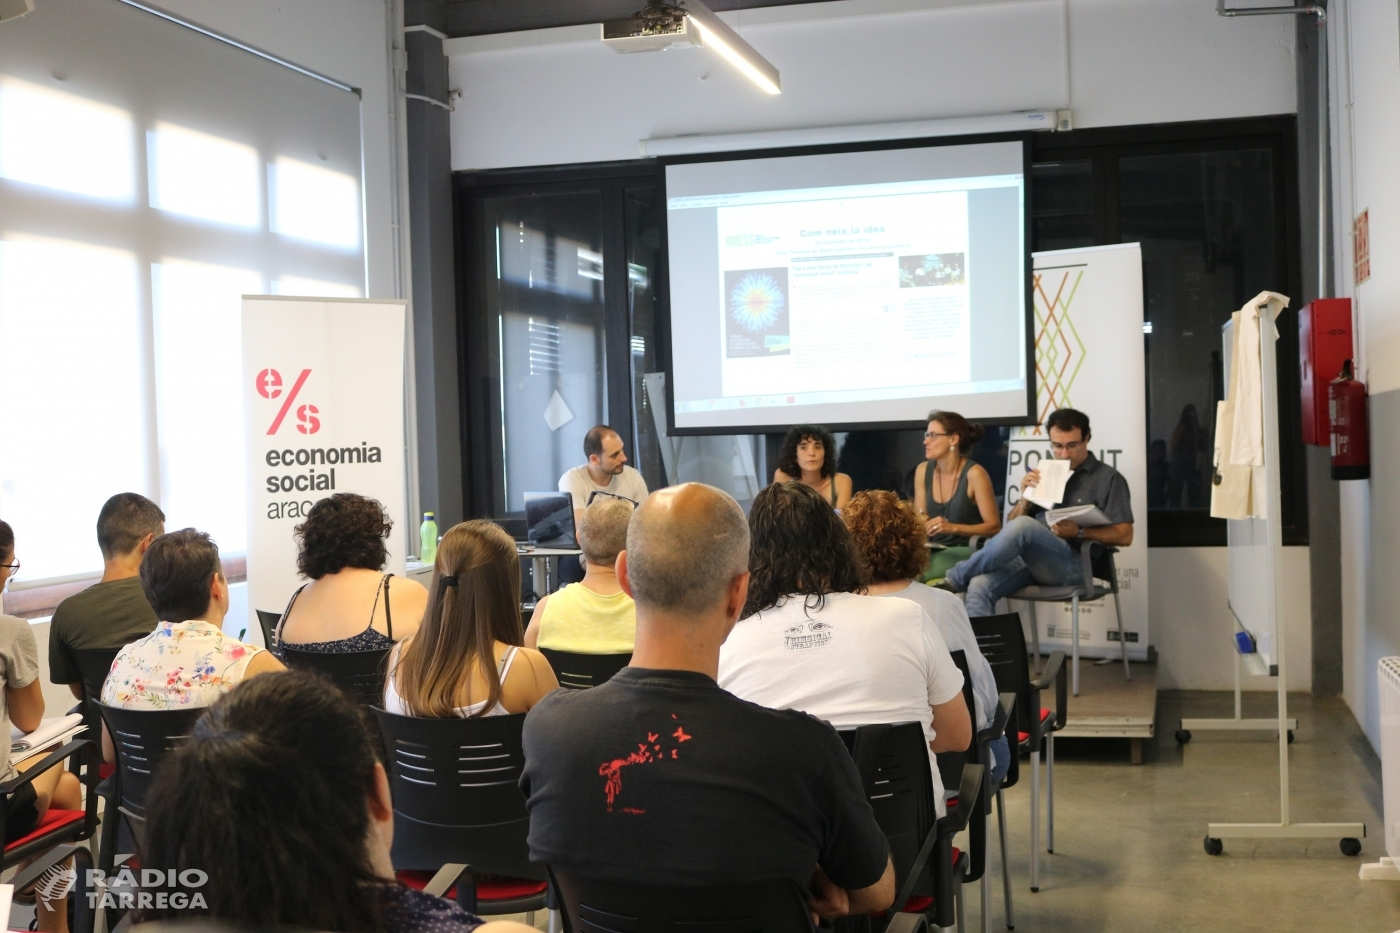 Ponent Coopera organitza a Tàrrega una jornada per impulsar el desenvolupament local a través de l'Economia Social i Solidàri